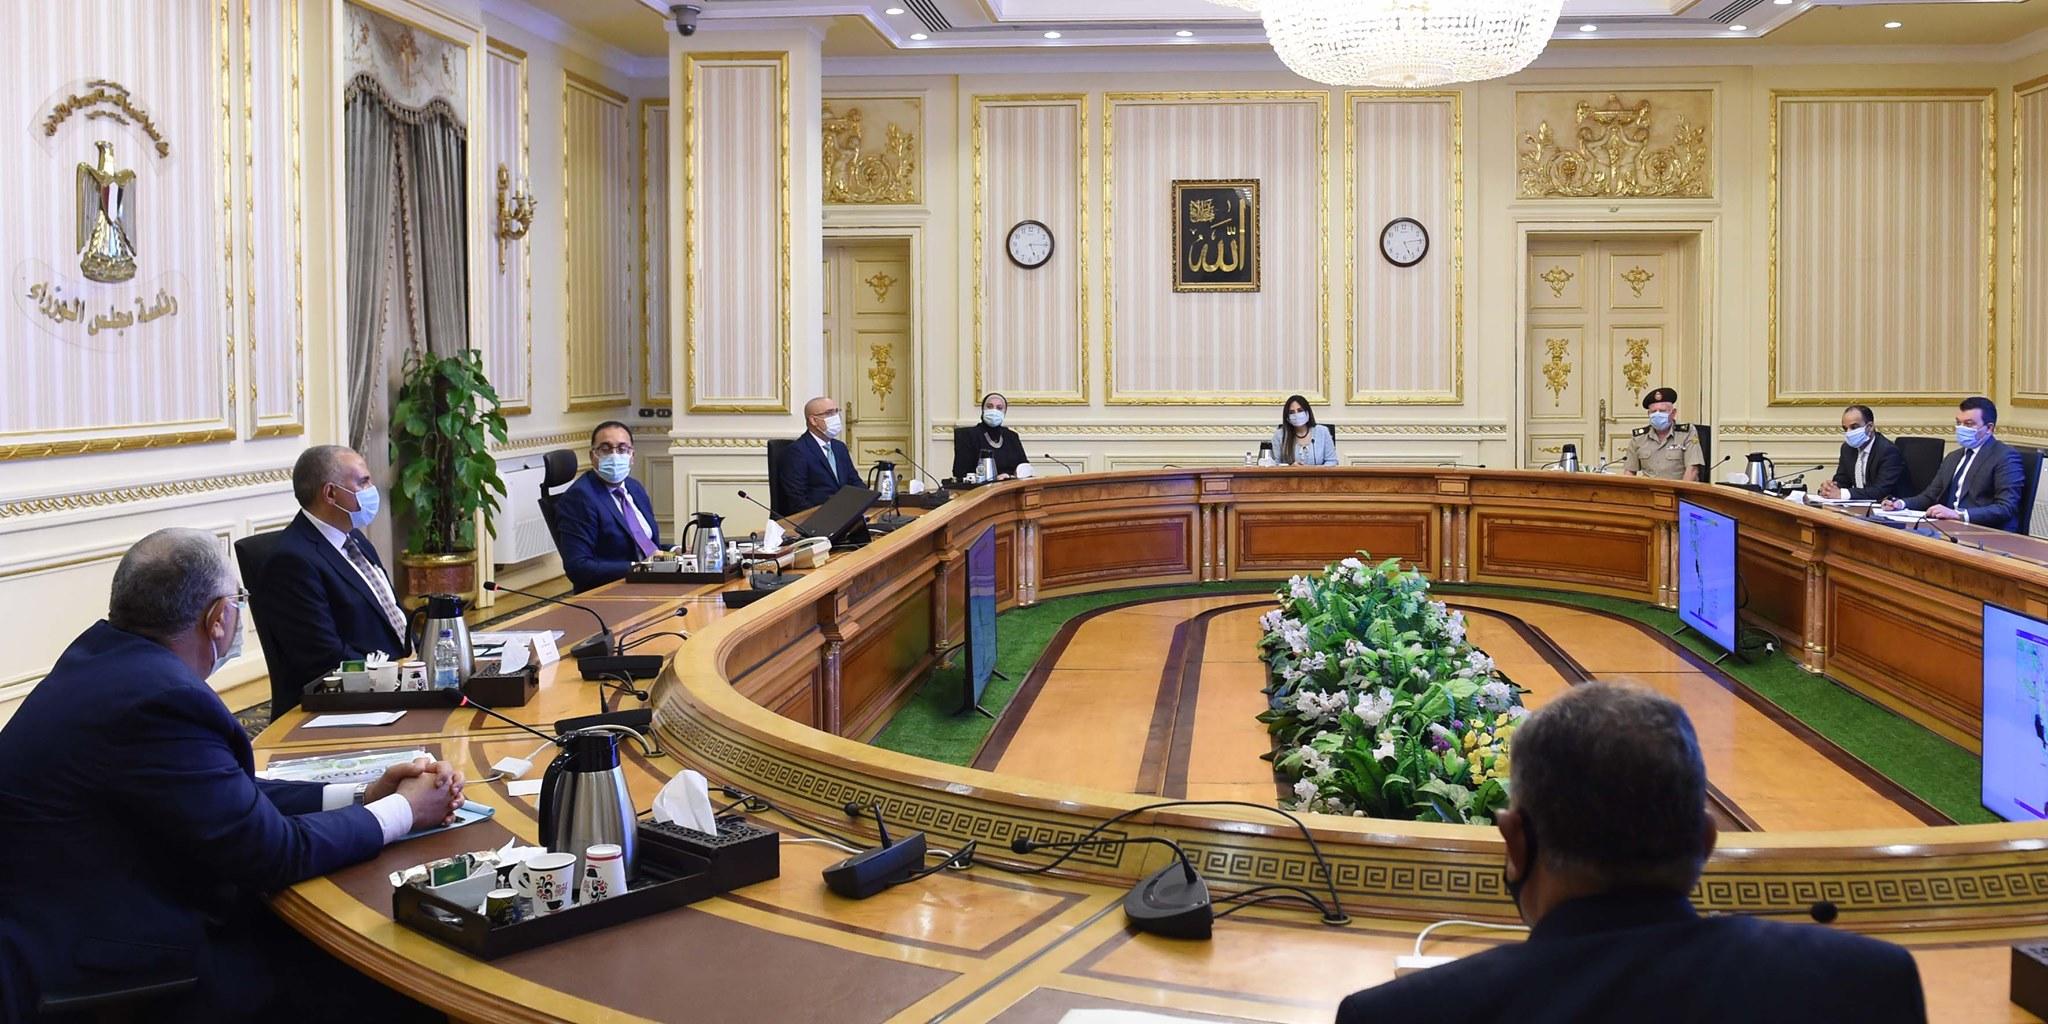 الحكومة المصرية: ضرورة توخي الحذر من الموجة الثانية لفيروس كورونا